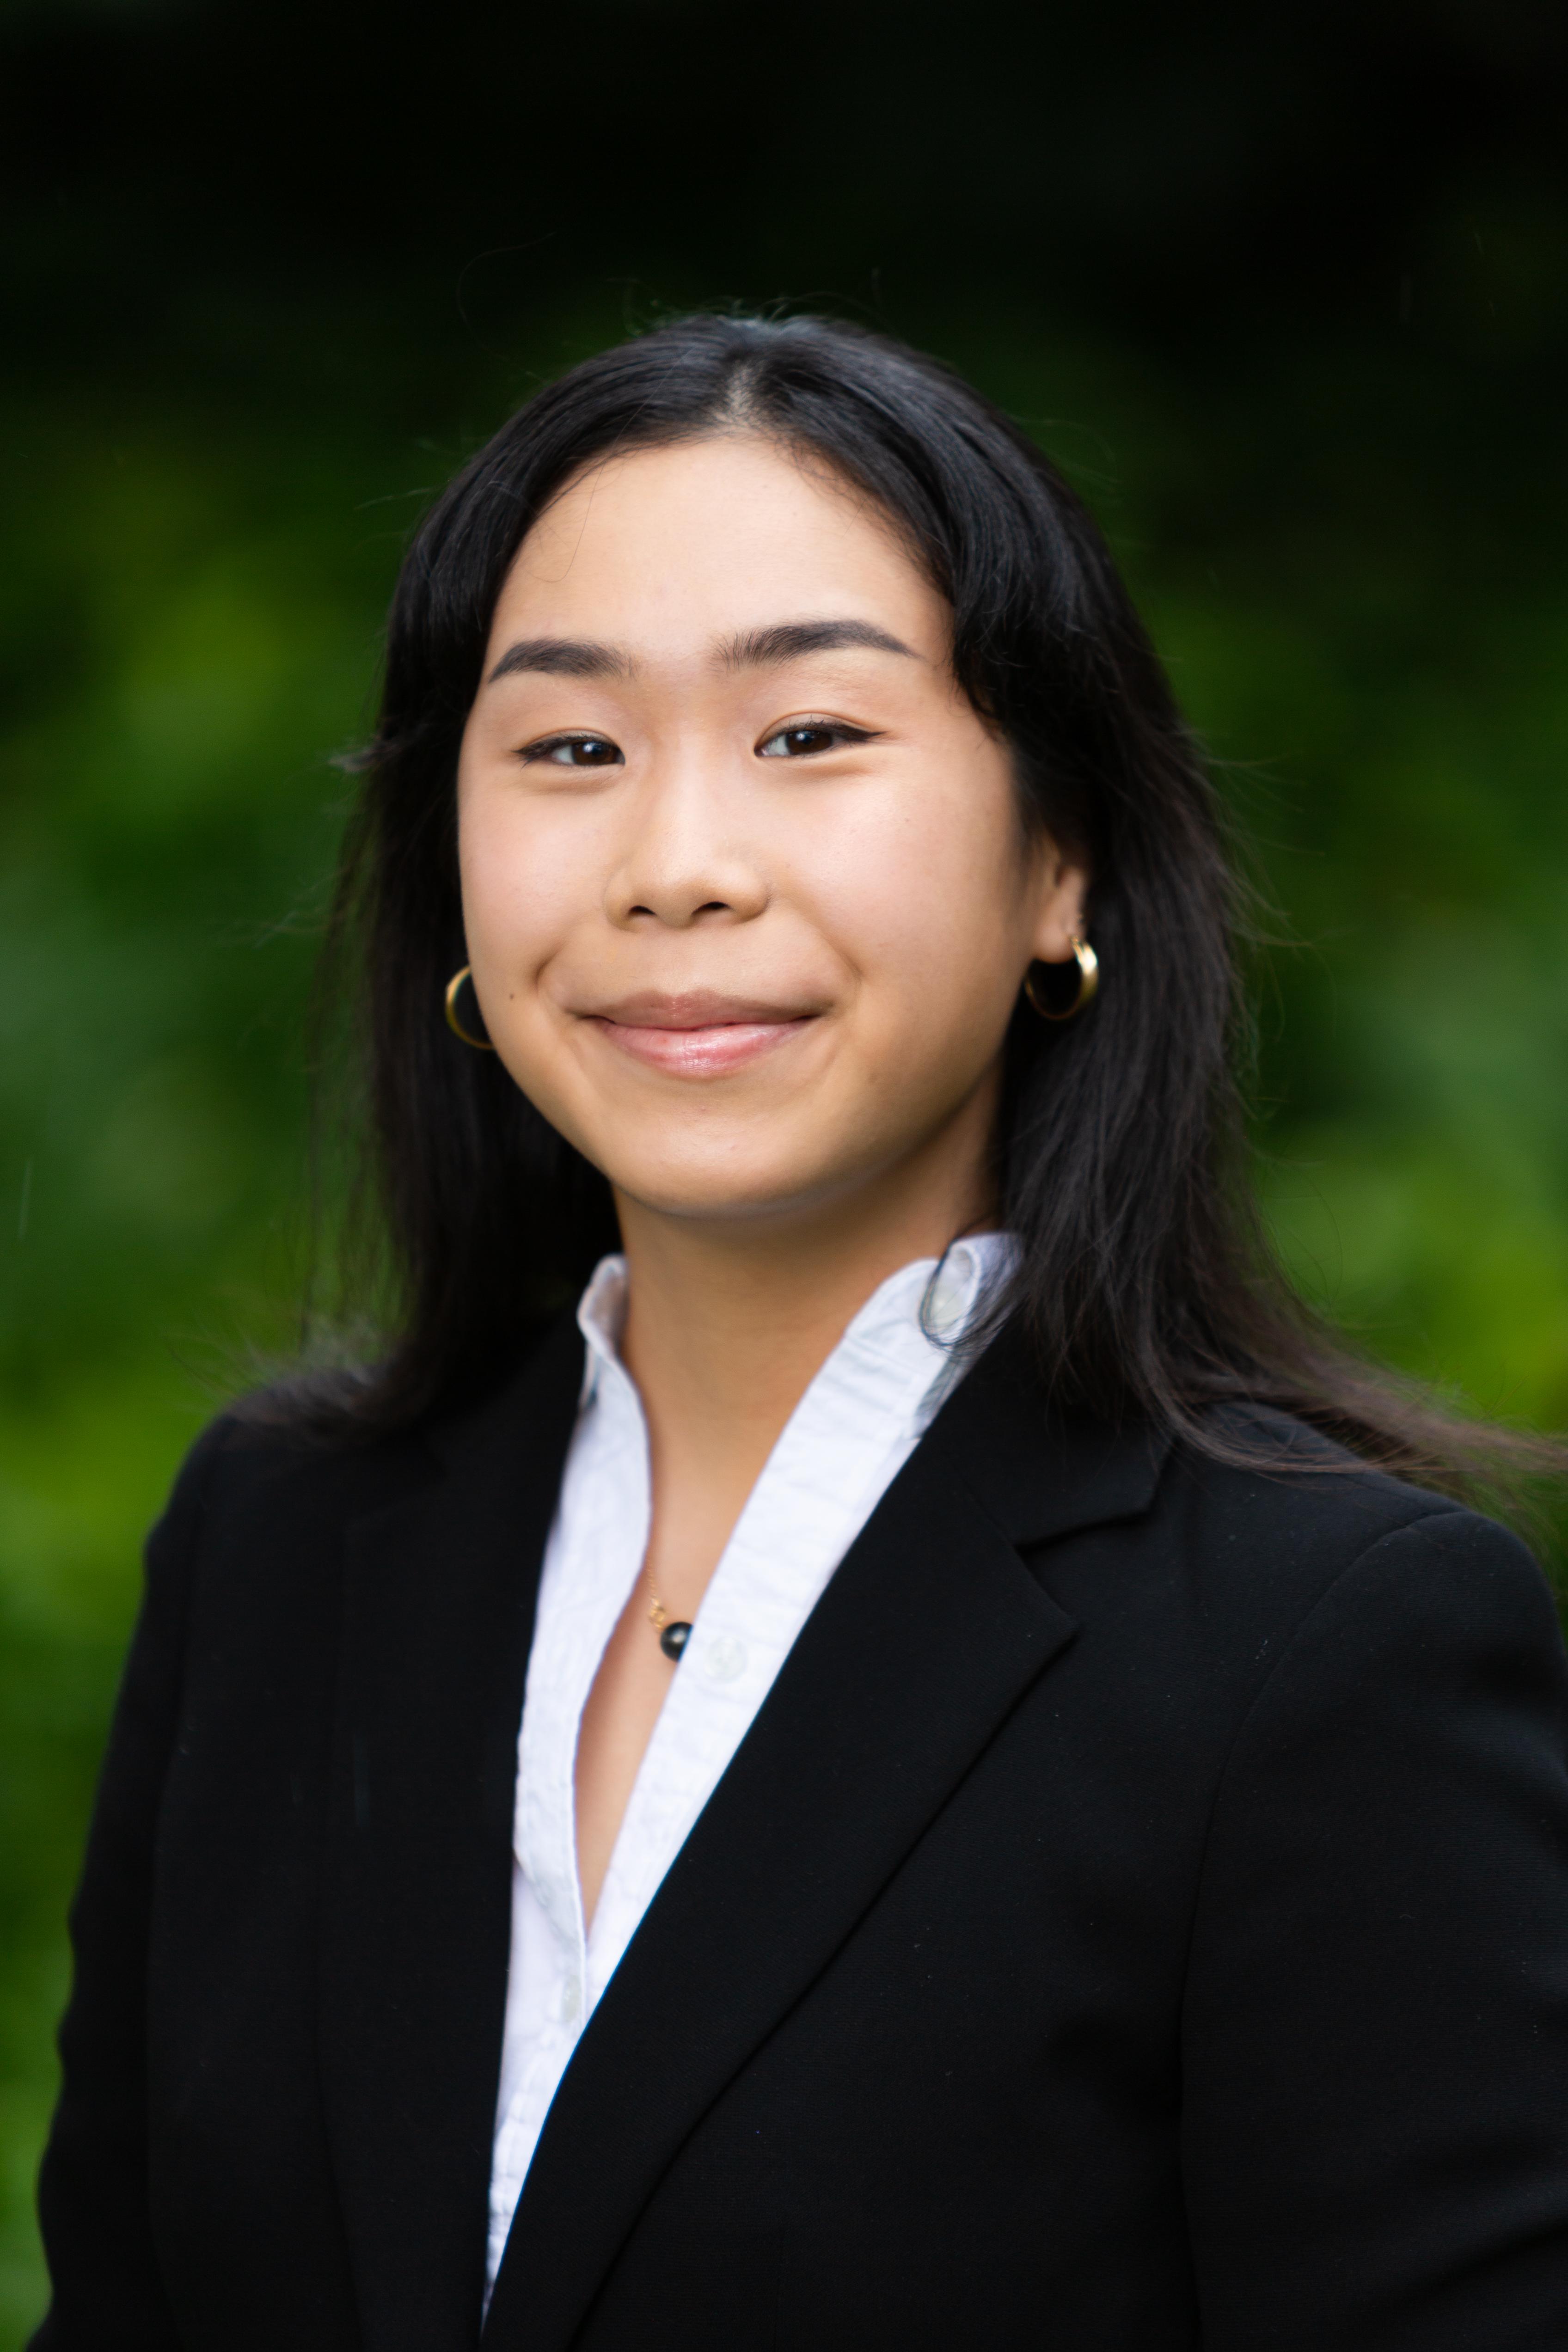 Natalie Kwon